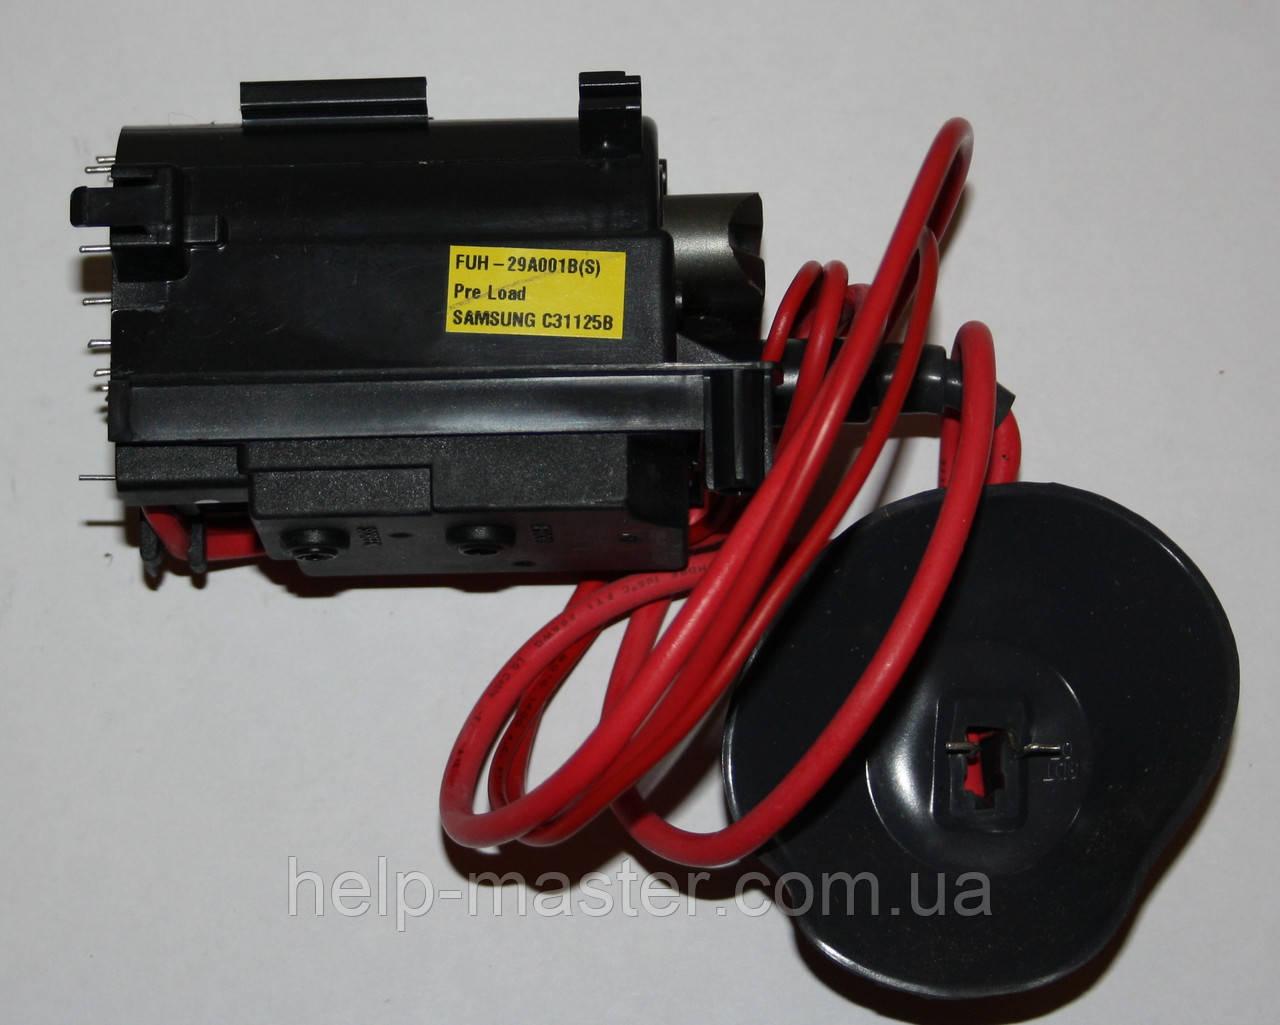 ТДКС  FUH29A001B(S)